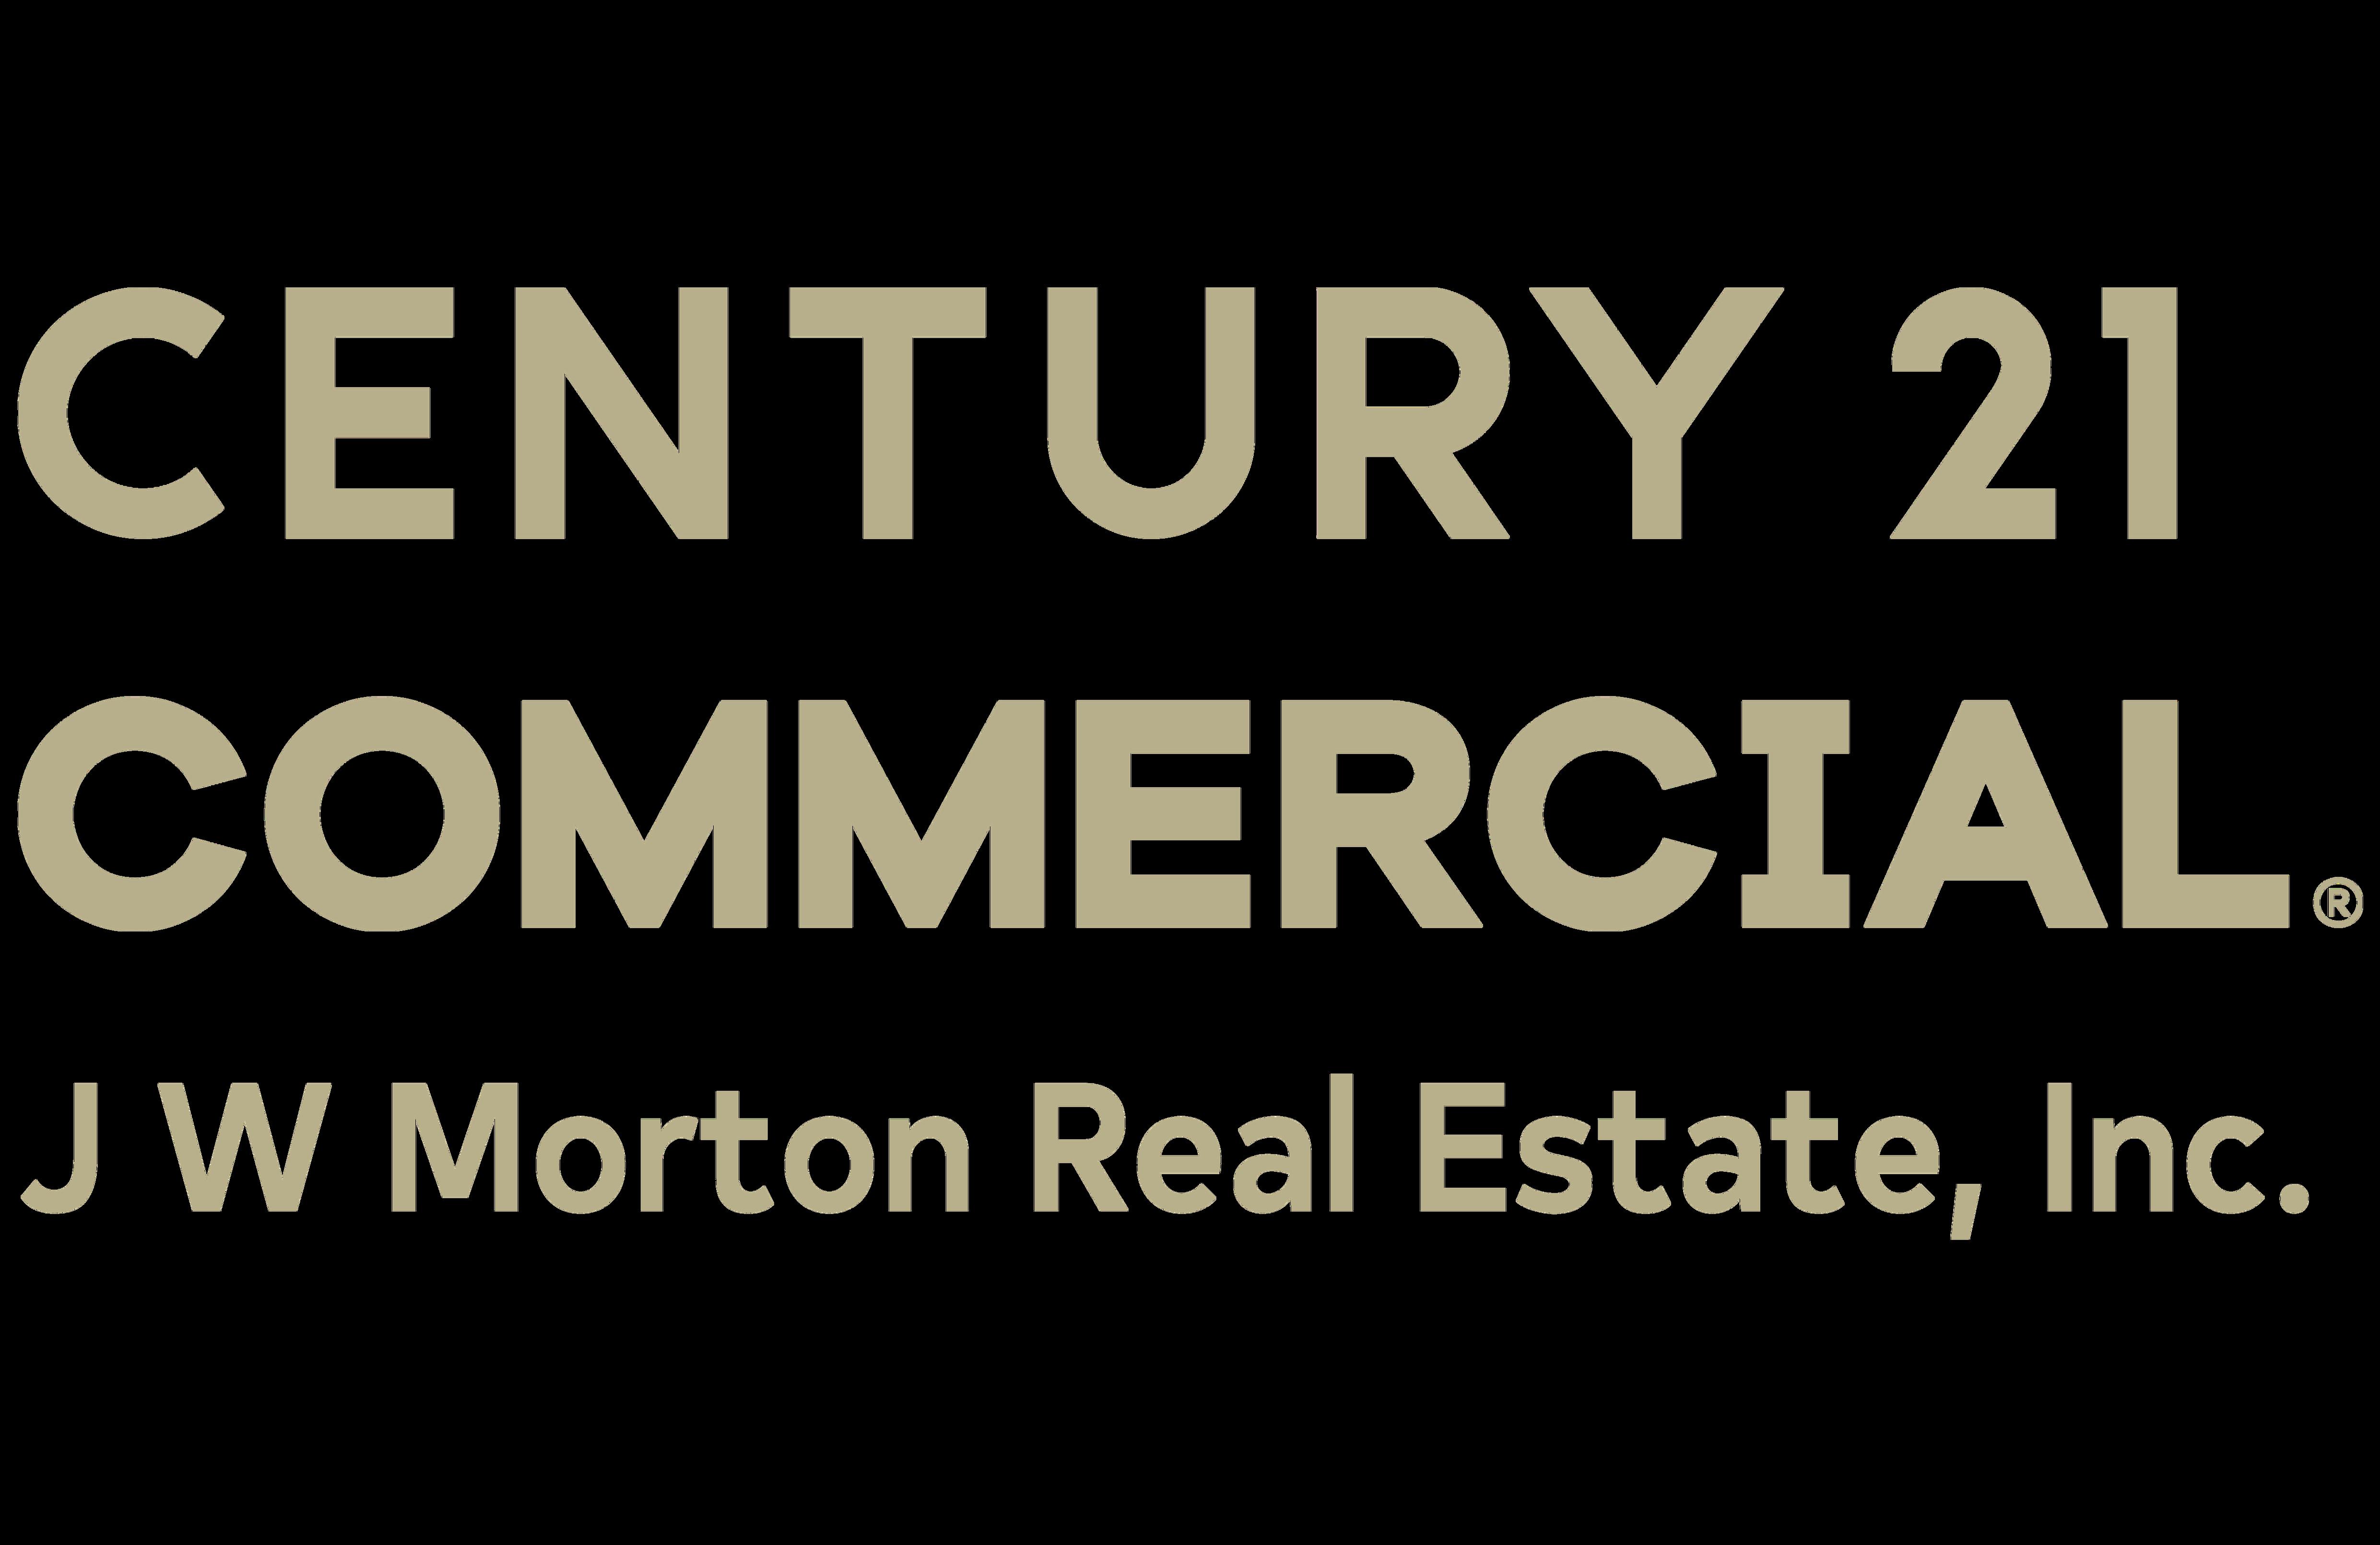 J. W. Morton of CENTURY 21 J W Morton Real Estate, Inc. logo